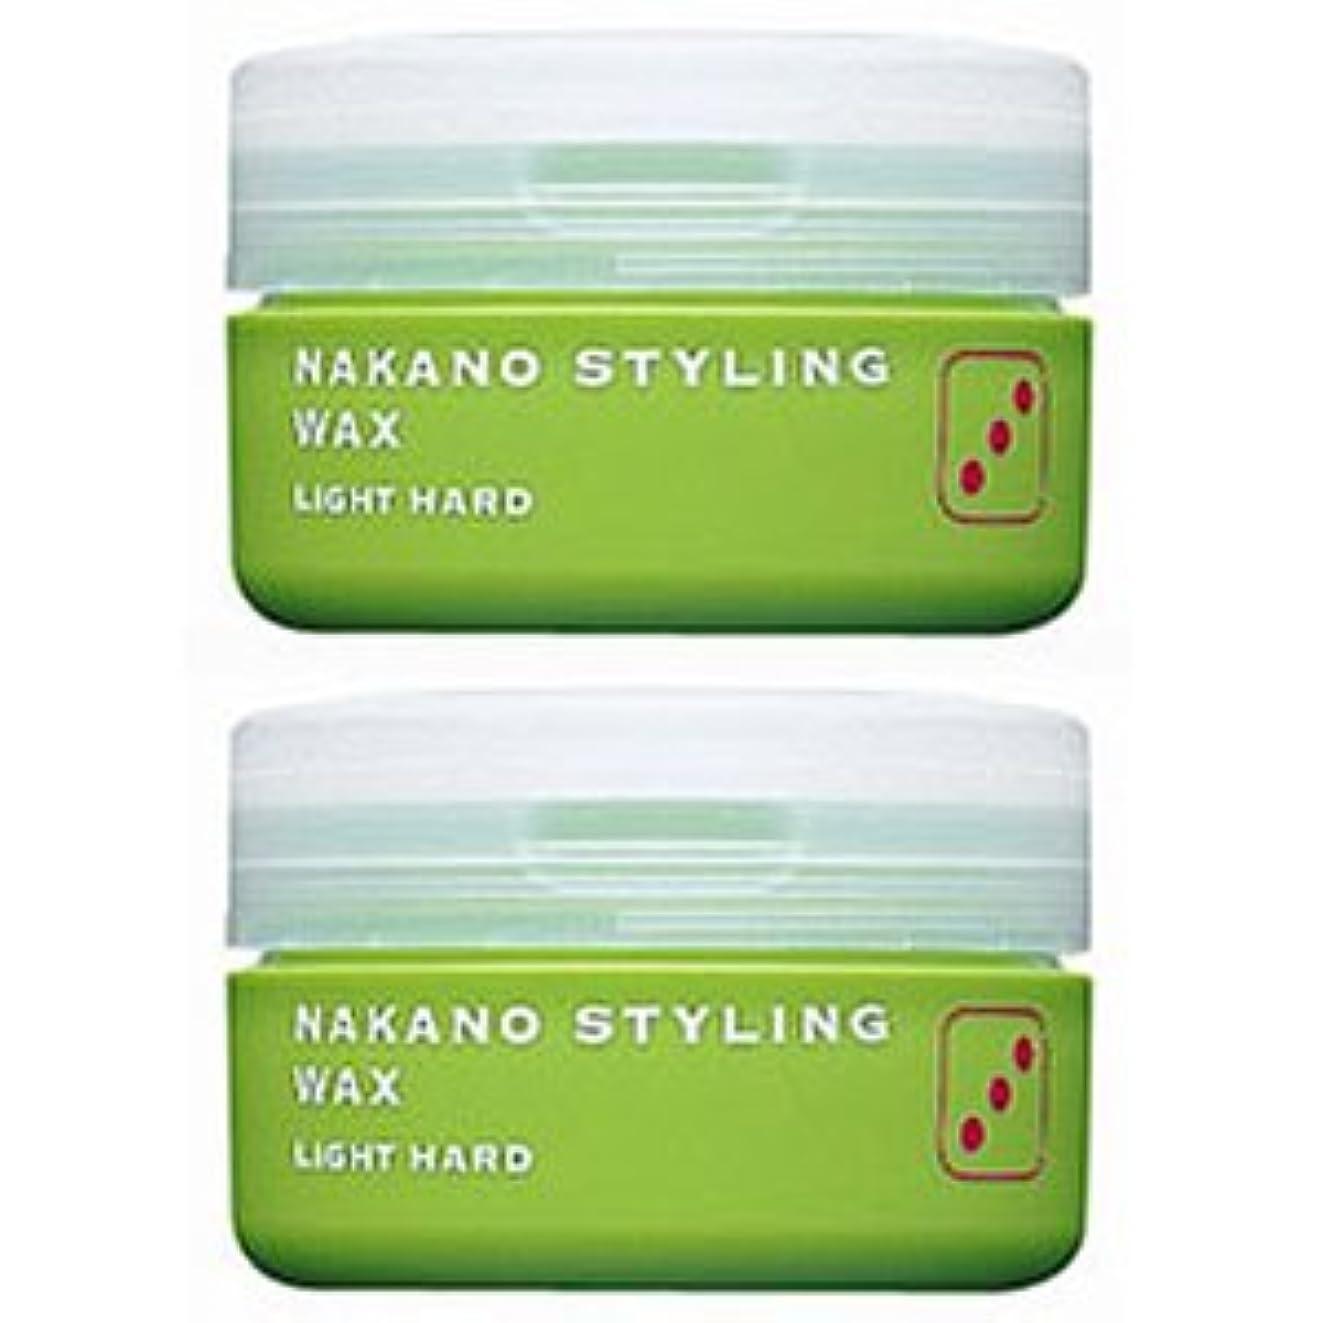 リーガン手順閉塞【X2個セット】 ナカノ スタイリング ワックス 3 ライトハード 90g